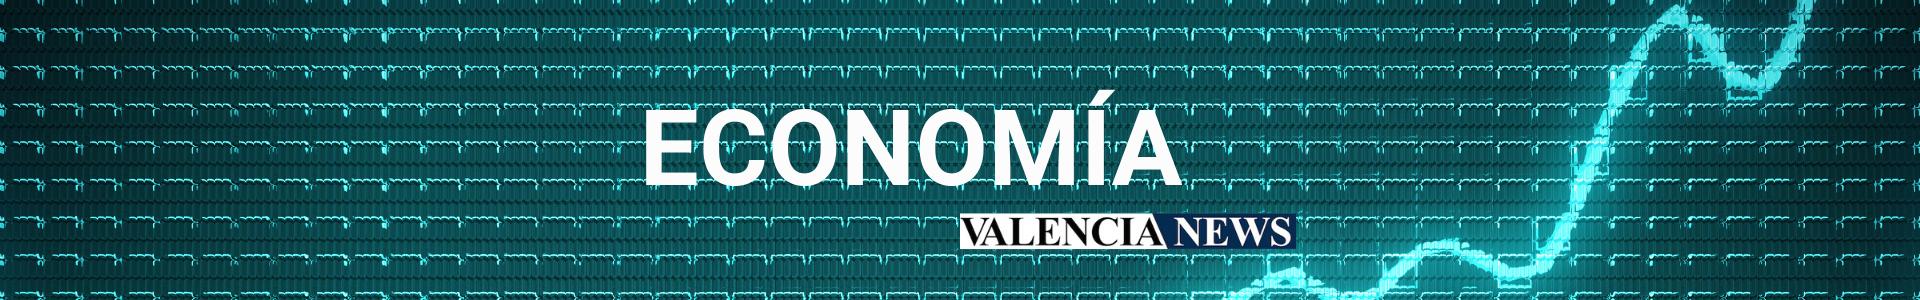 VALENCIANEWS DIARIO DIGITAL VALENCIANO INDEPENDIENTE VALENCIA NEWS VALENCIA ALICANTE CASTELLON BENIDORM JAVEA DENIA ELCHE GANDIA COMUNIDAD VALENCIANA COMUNITAT VALENCIANA DIPUTACION VALENCIA DIPUTACION CASTELLON DIPUTACION ALICANTE POLITICA PARTIDO POPULAR VOX CIUDADANOS COMPROMIS PSPV PSOE DIPUTACION AYUNTAMIENTO COMARCAS FALLAS TURISMO ECONOMIA EMPRENDIMIENTO EMPRESA MERCADOS AGRICULTURA HOSBEC FUNDACION TRINIDAD ALFONSO PUERTO VALENCIA ALQUERIA DEL BASKET MERCADONA TURISMO NORMES DEL PUIG LENGUA VALENCIANA CORTES VALENCIANAS JUNTA CENTRAL FALLERA AVA ASAJA CIUDAD ARTES Y CIENCIAS PROYECTO FER VALENCIACF AVE NARANJA DIVALTERRA XIMO PUIG MONICA OLTRA MANOLO MATA JOAN RIBO SANDRA GOMEZ MARIA JOSE CATALA BONIG GALIANA SERGI CAMPILLO FERNANDO GINER RAMON VILAR FERNANDO DE ROSA JUAN CARLOS GALINDO NOTICIA NOTICIAS ONLINE ON LINE